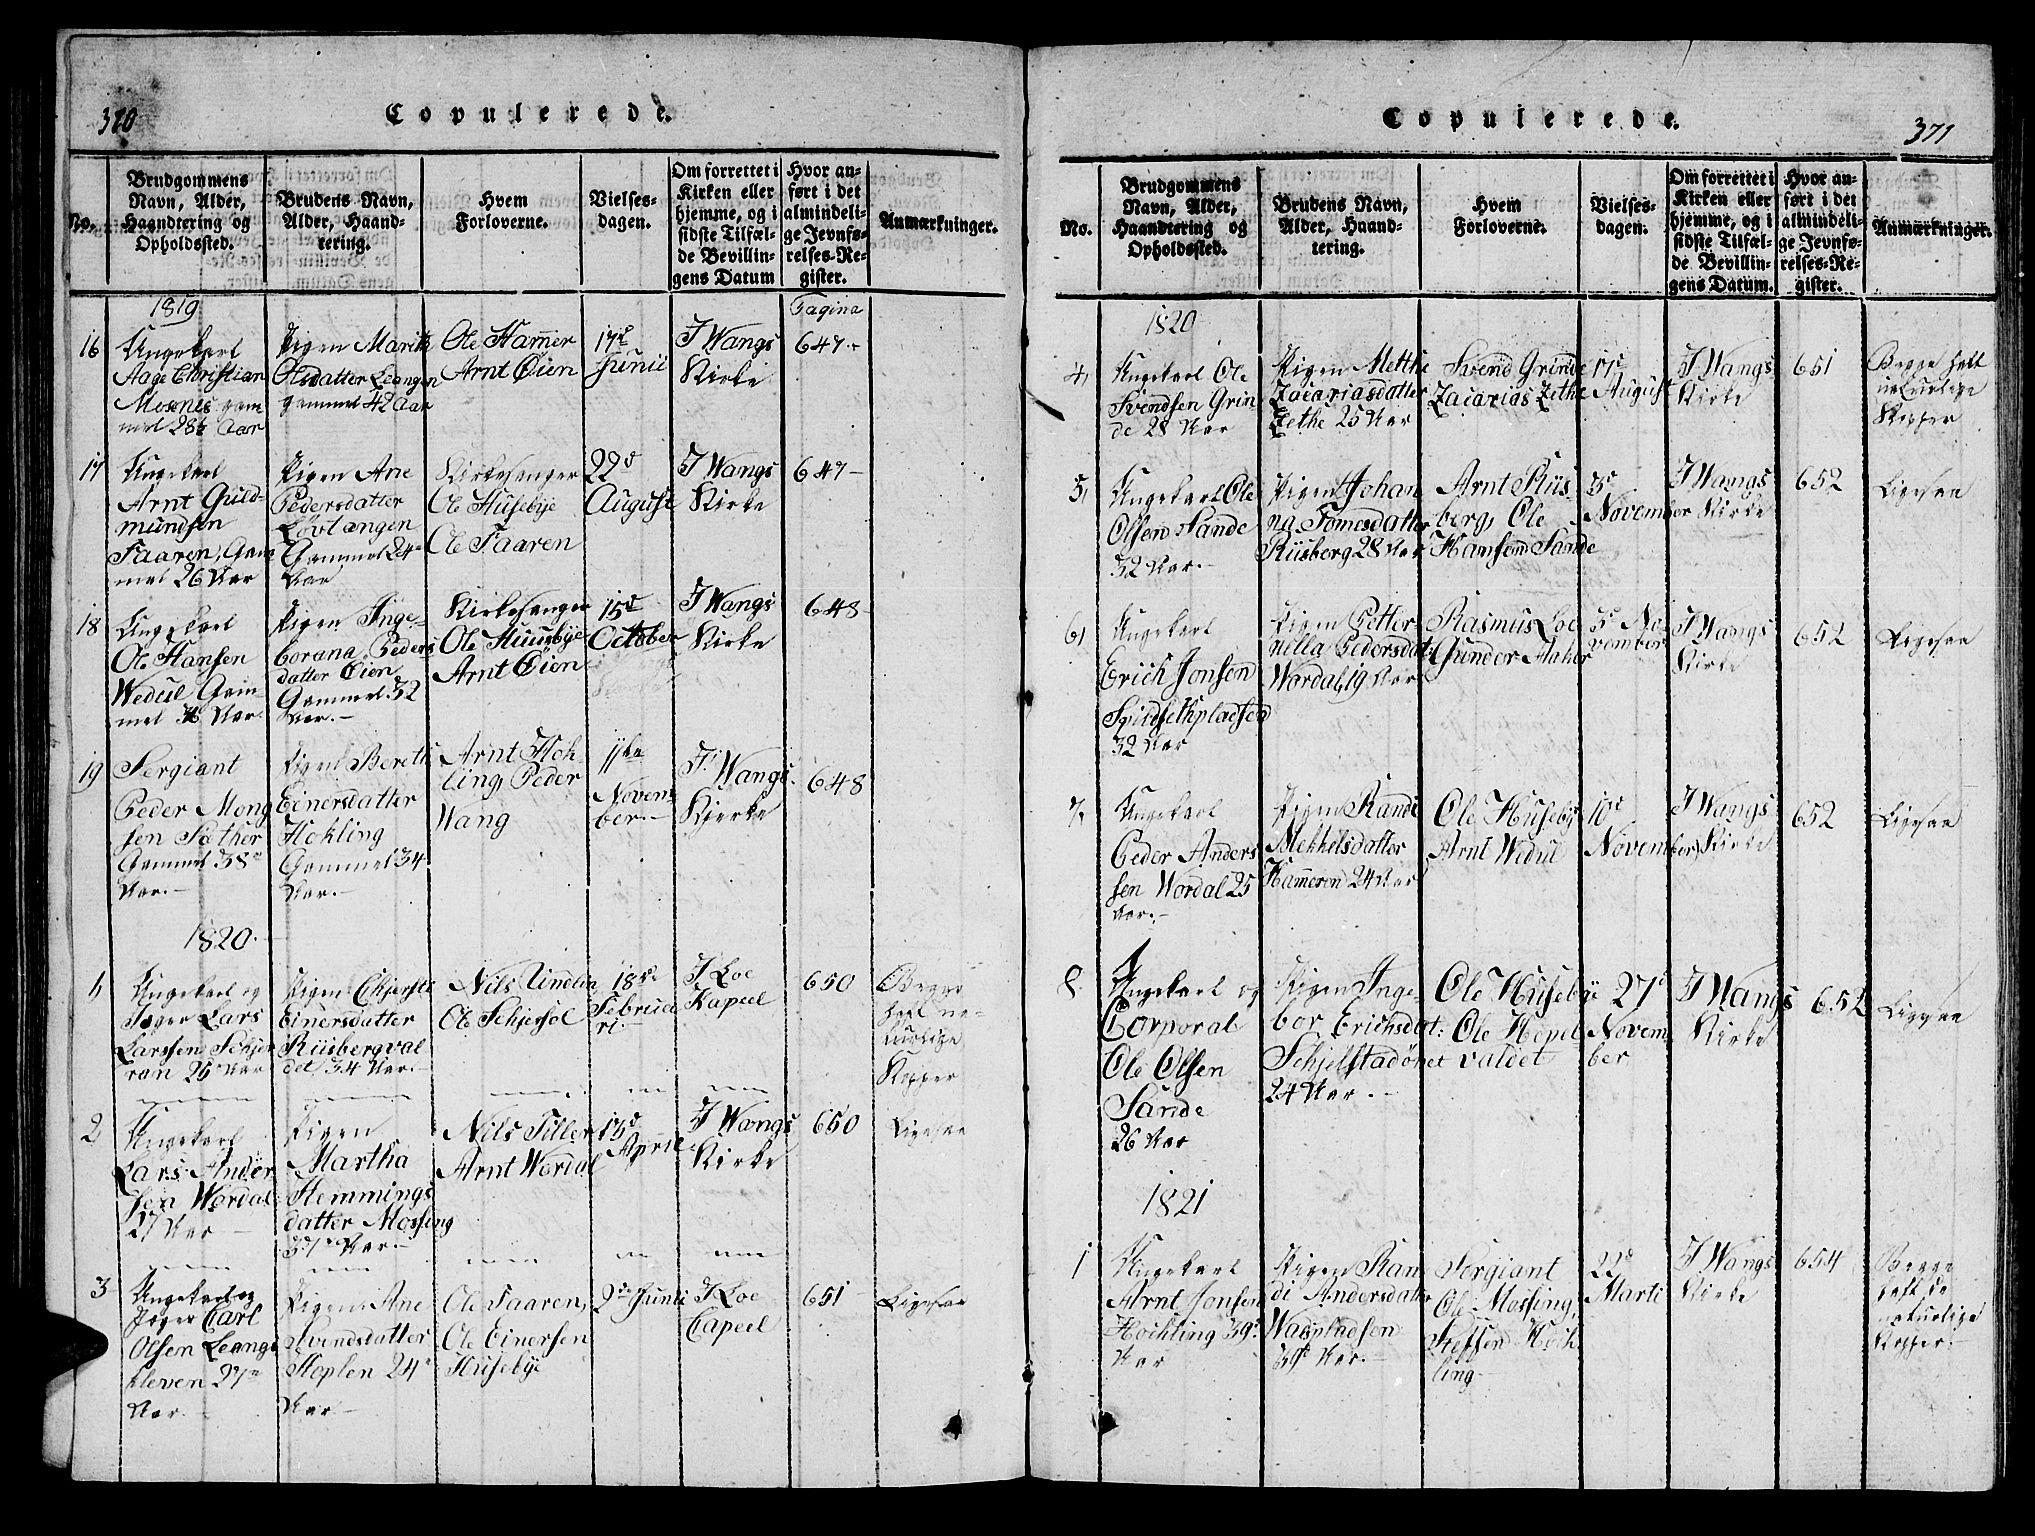 SAT, Ministerialprotokoller, klokkerbøker og fødselsregistre - Nord-Trøndelag, 714/L0132: Klokkerbok nr. 714C01, 1817-1824, s. 370-371